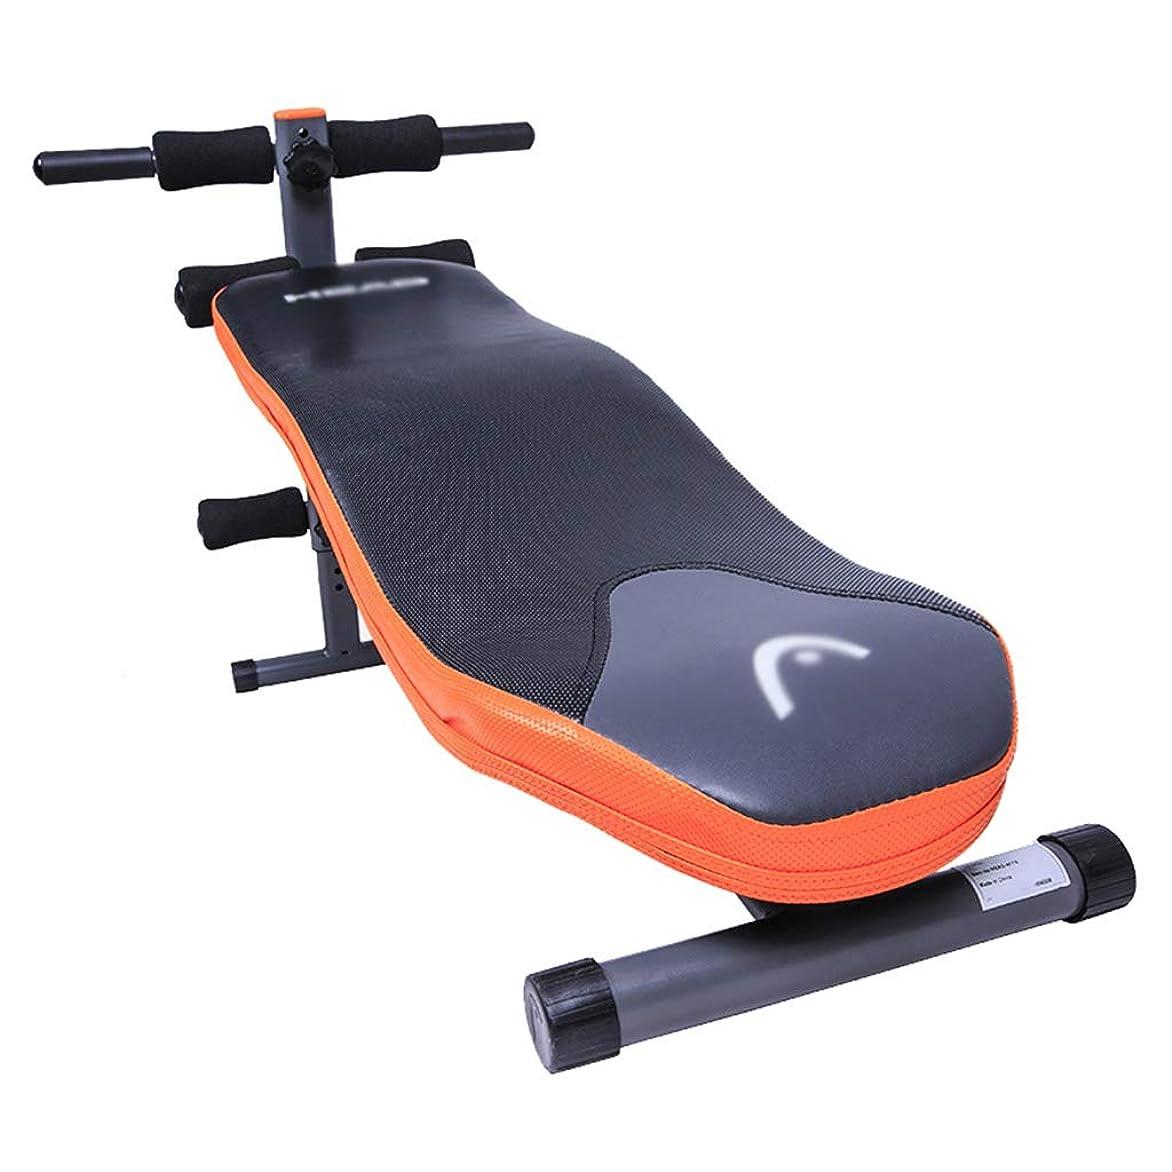 令状段階ステートメントトレーニングベンチ 多機能S型仰向けのボードの家の腹部ダンベルベンチ腹筋 仰臥位ボード (Color : Black, Size : 90*32*40cm)